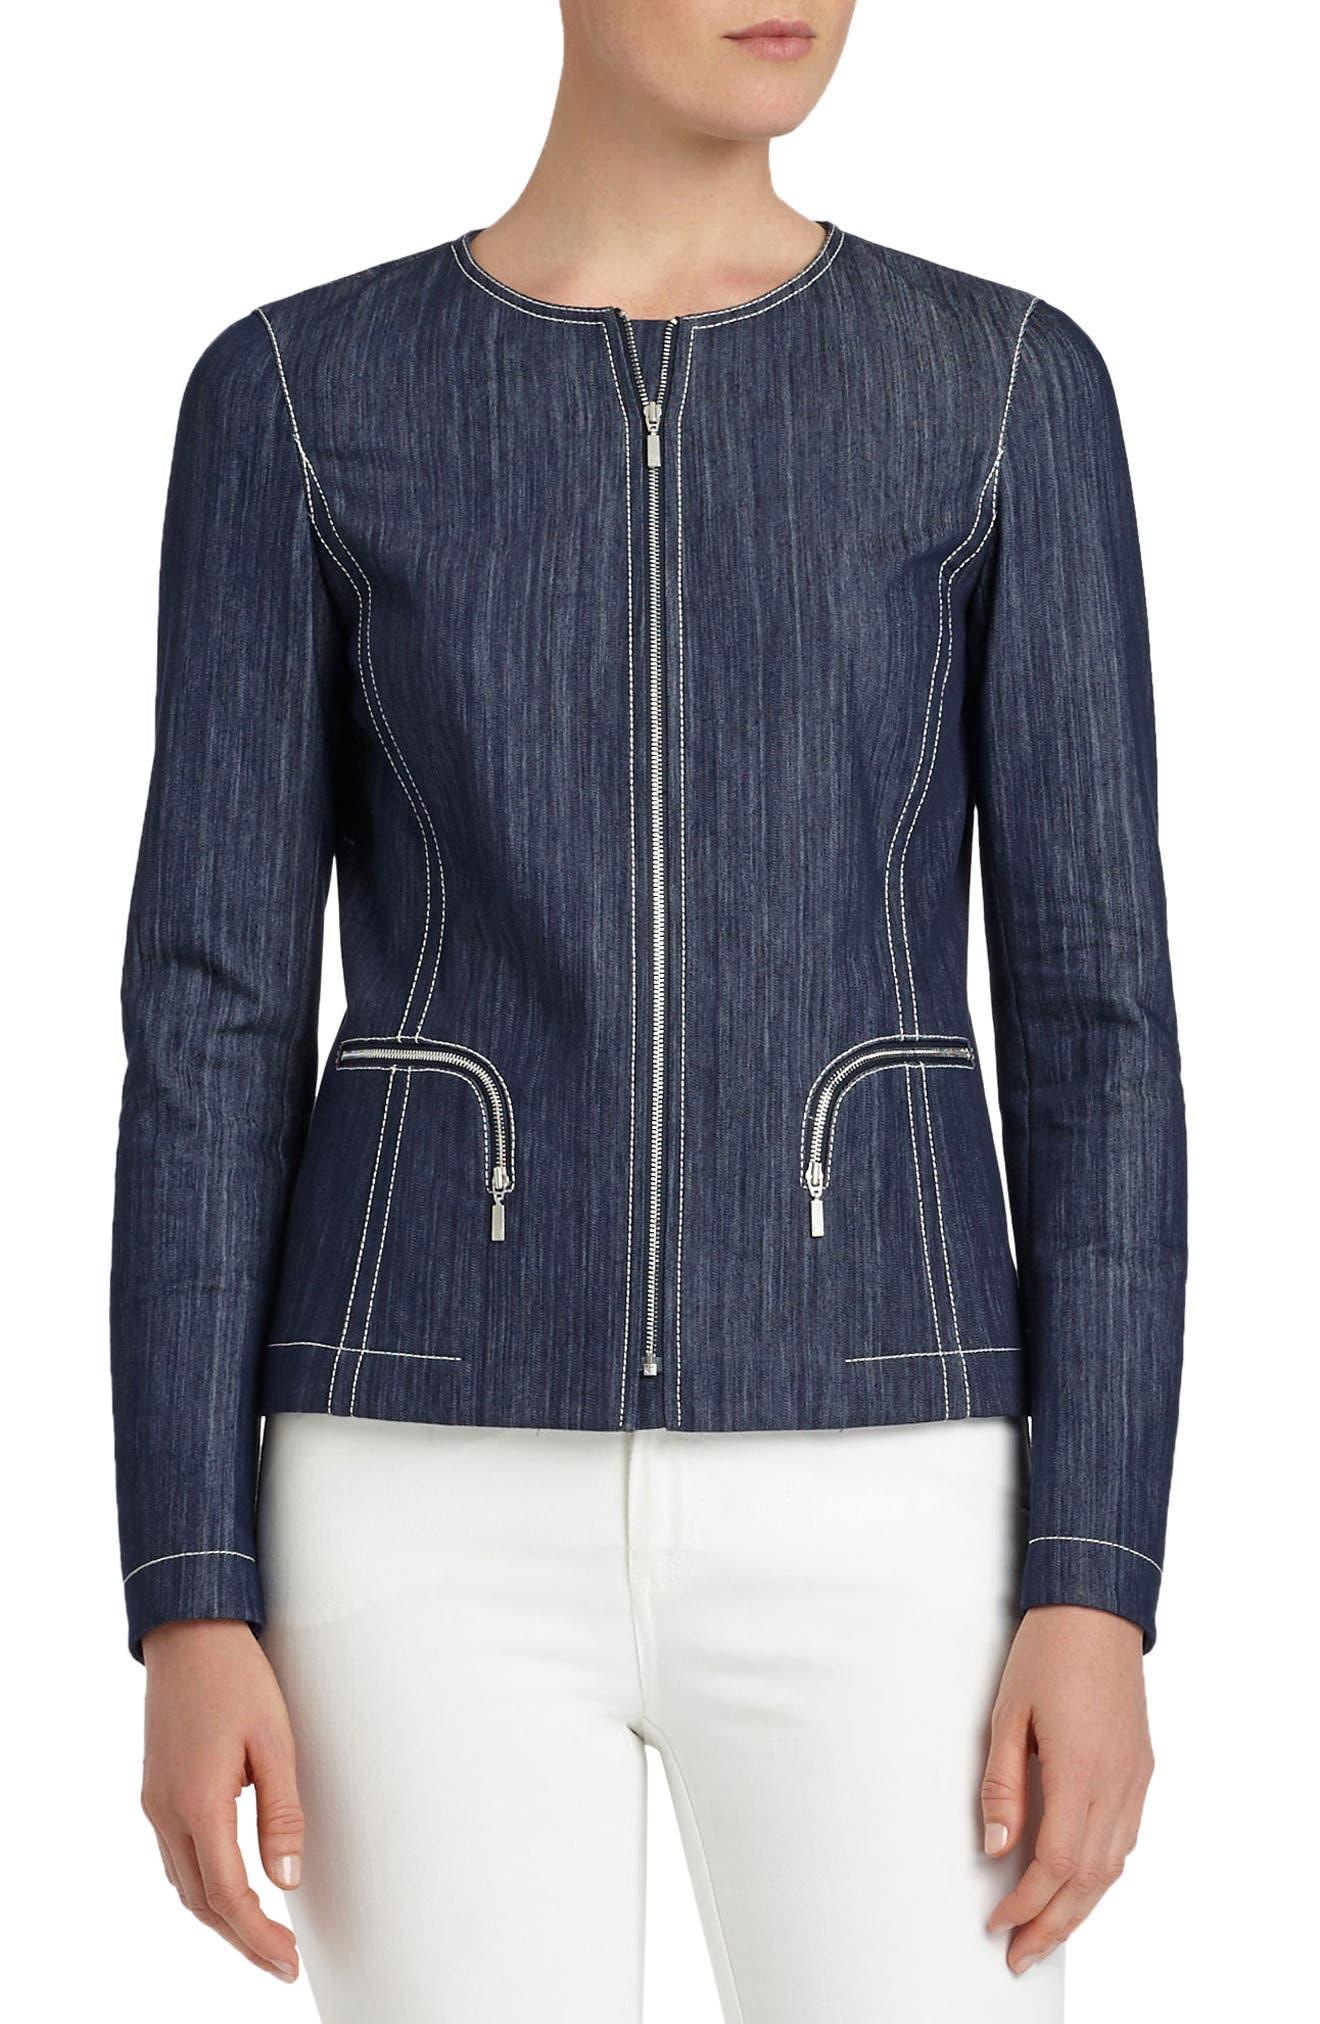 Lafayette 148 New York Malia Mariners Cloth Jacket